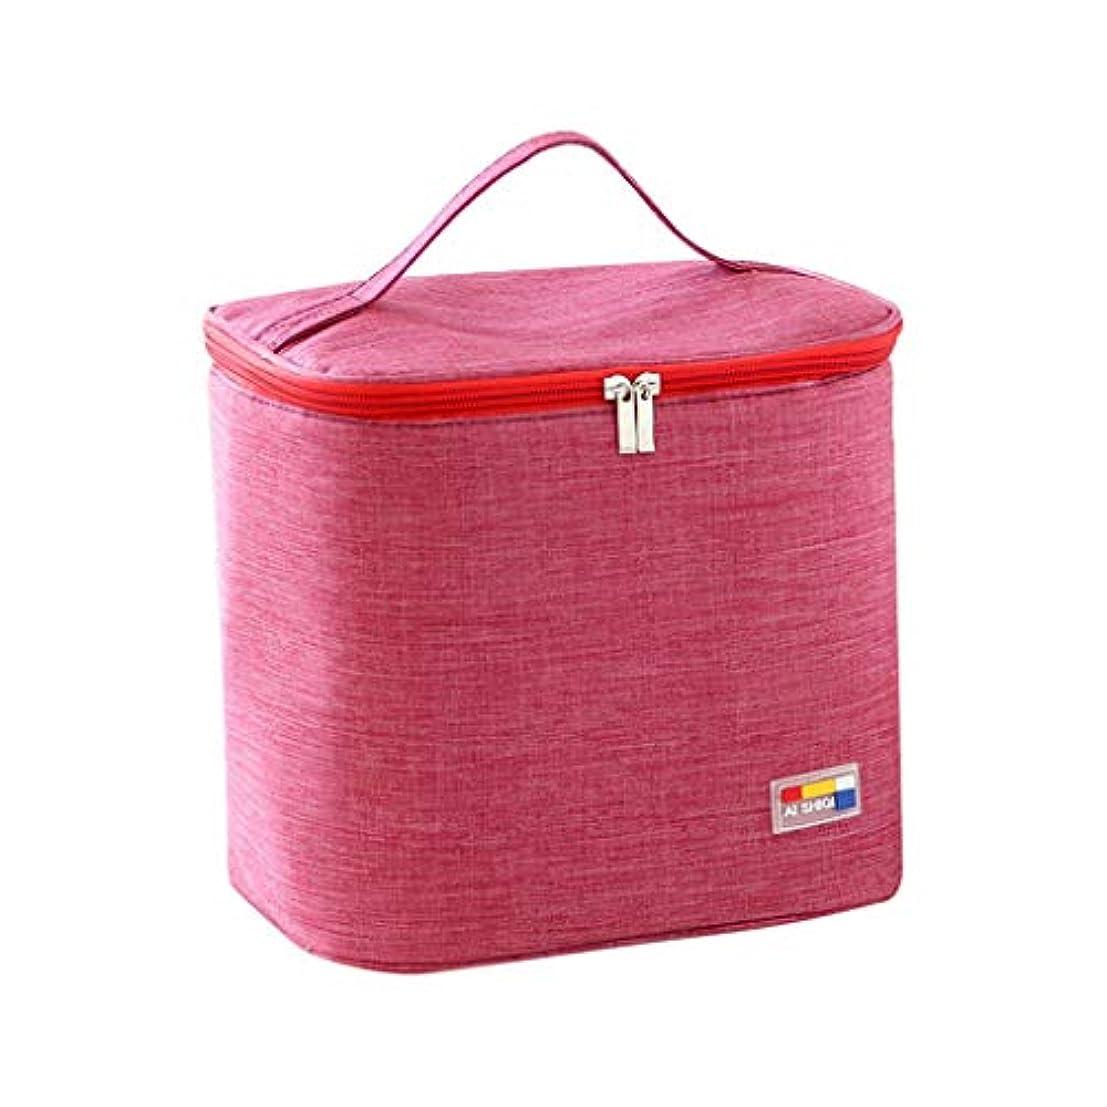 分解する混合スコットランド人専用ランチバッグトートバッグ断熱性を向上キャンプに適していますシンプルなバッグイージーファッション絶縁バッグ冷蔵バッグポケットを描く冷却ハンドバッグ防水ハンドバッグ (A)